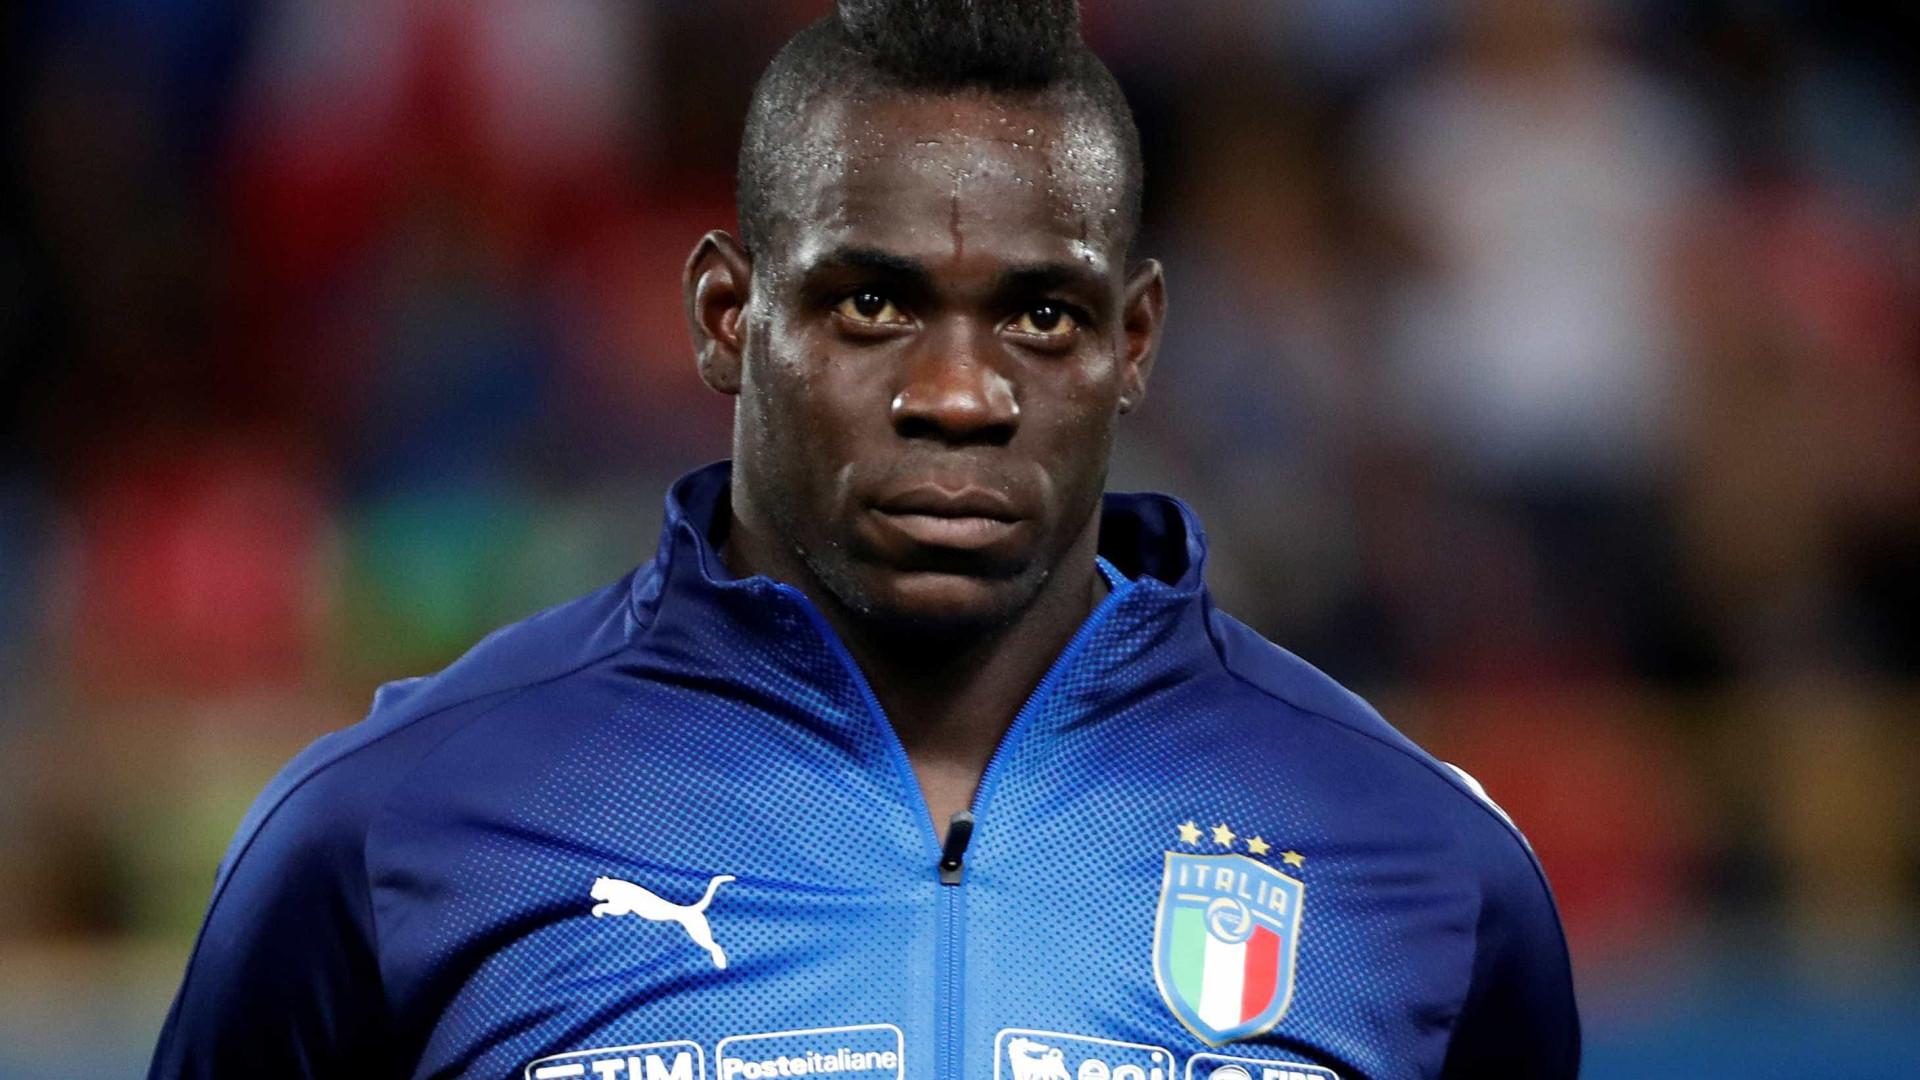 Após polêmica, Mancini quer Balotelli na seleção da Itália por méritos